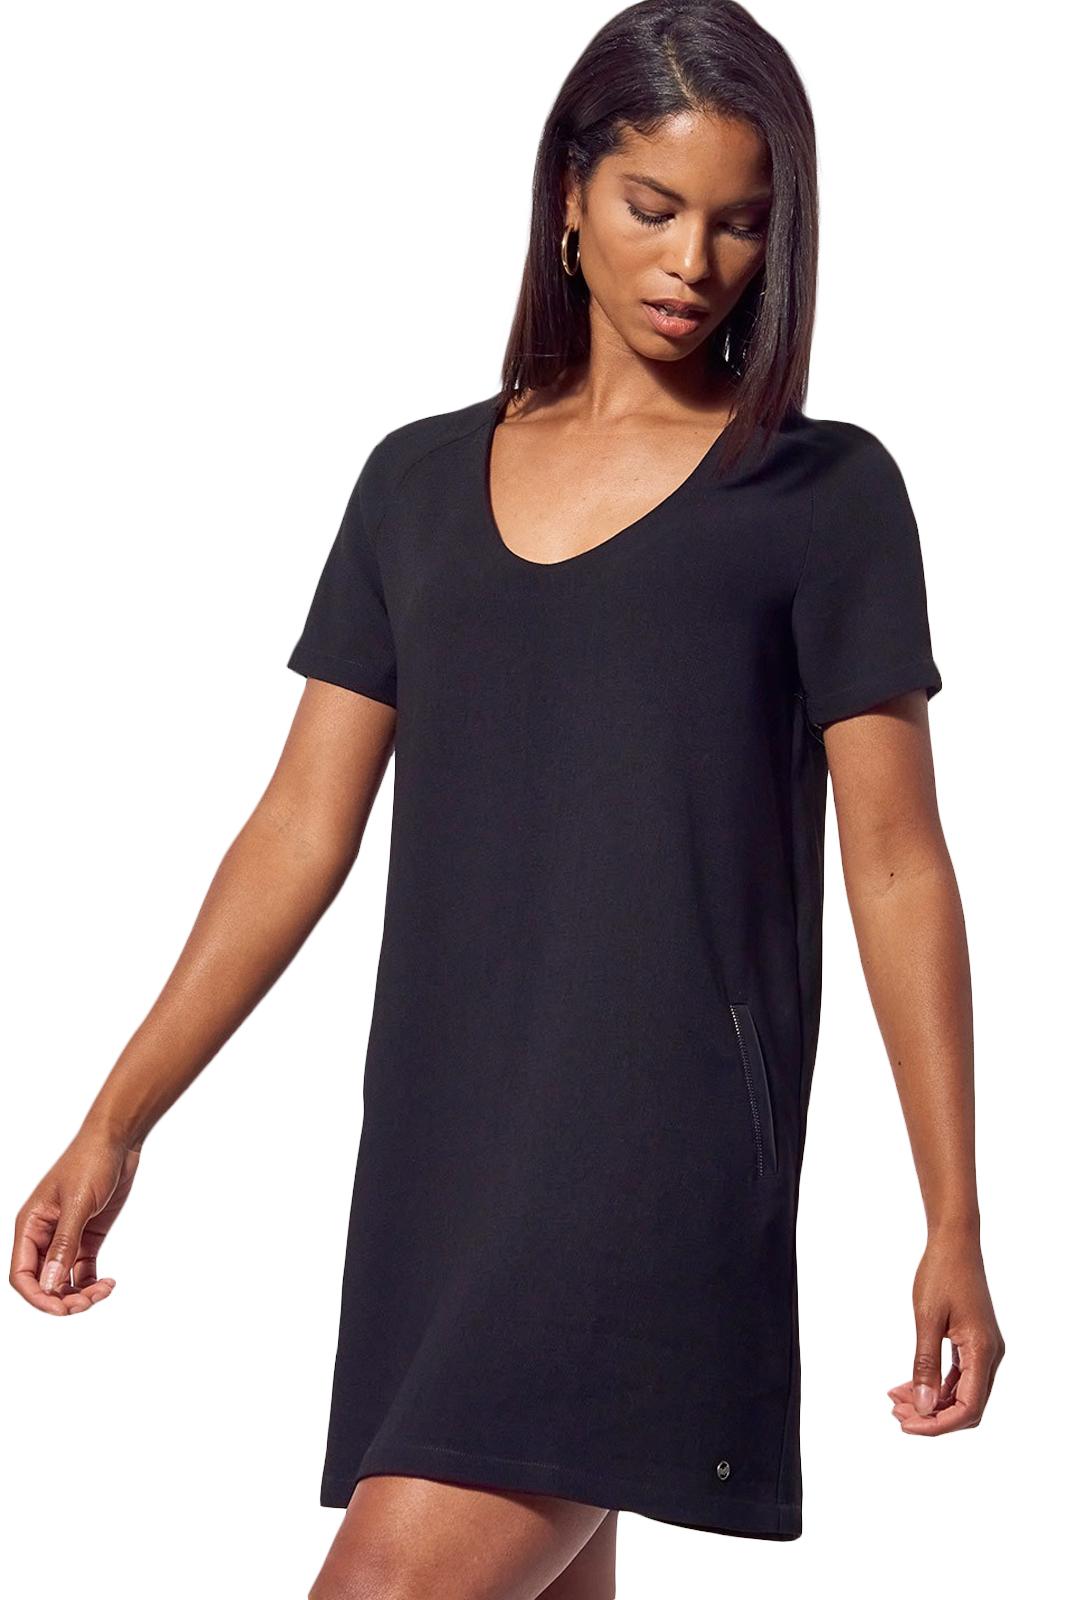 Robes Femme Kaporal Logan Black